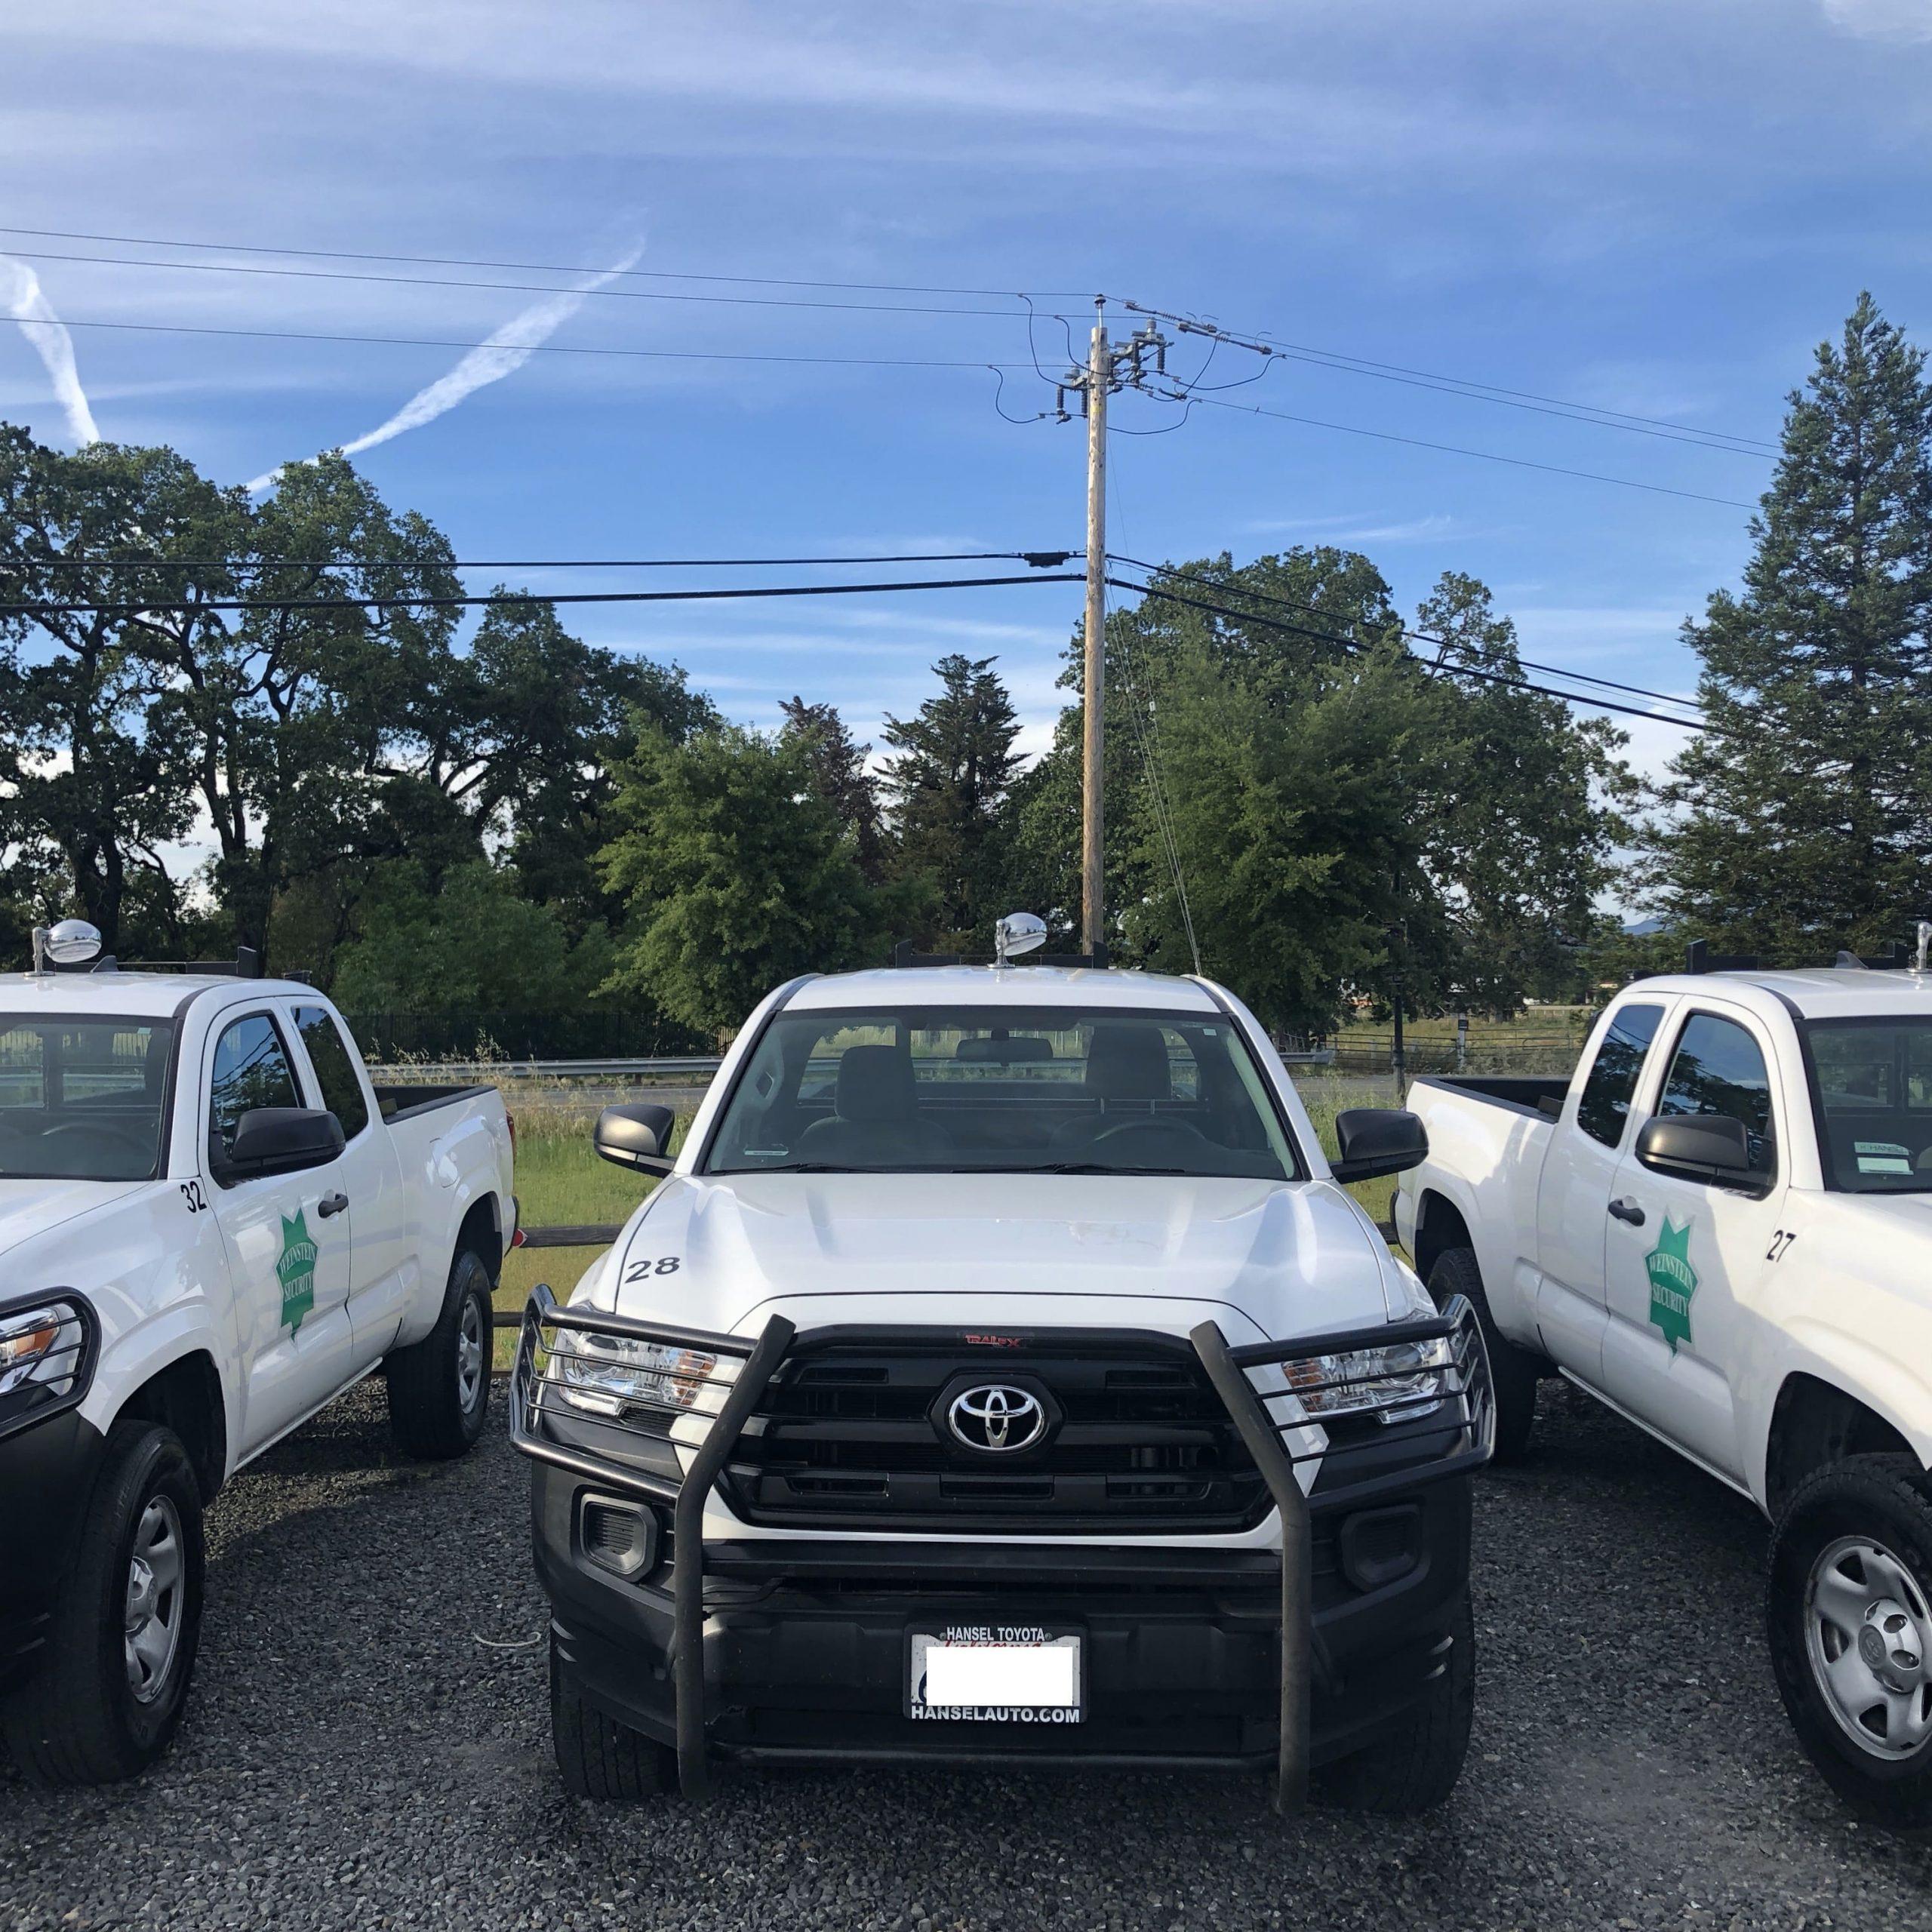 mobile fleet wash